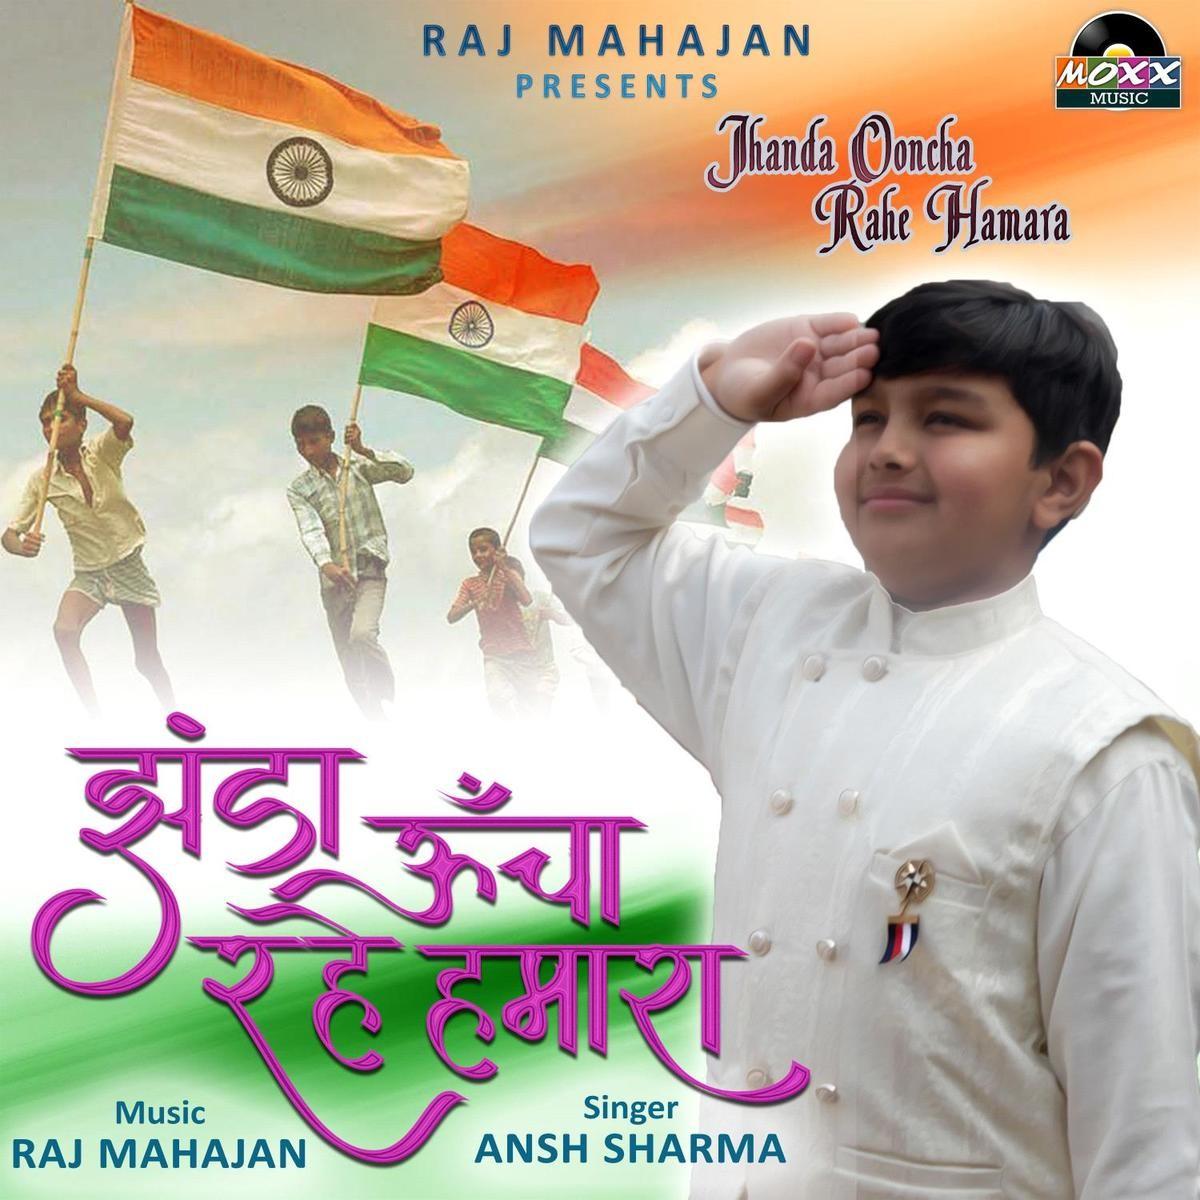 Jhanda Ooncha Rahe Hamara Song Download Jhanda Ooncha Rahe Hamara Mp3 Song Online Free On Gaana Com